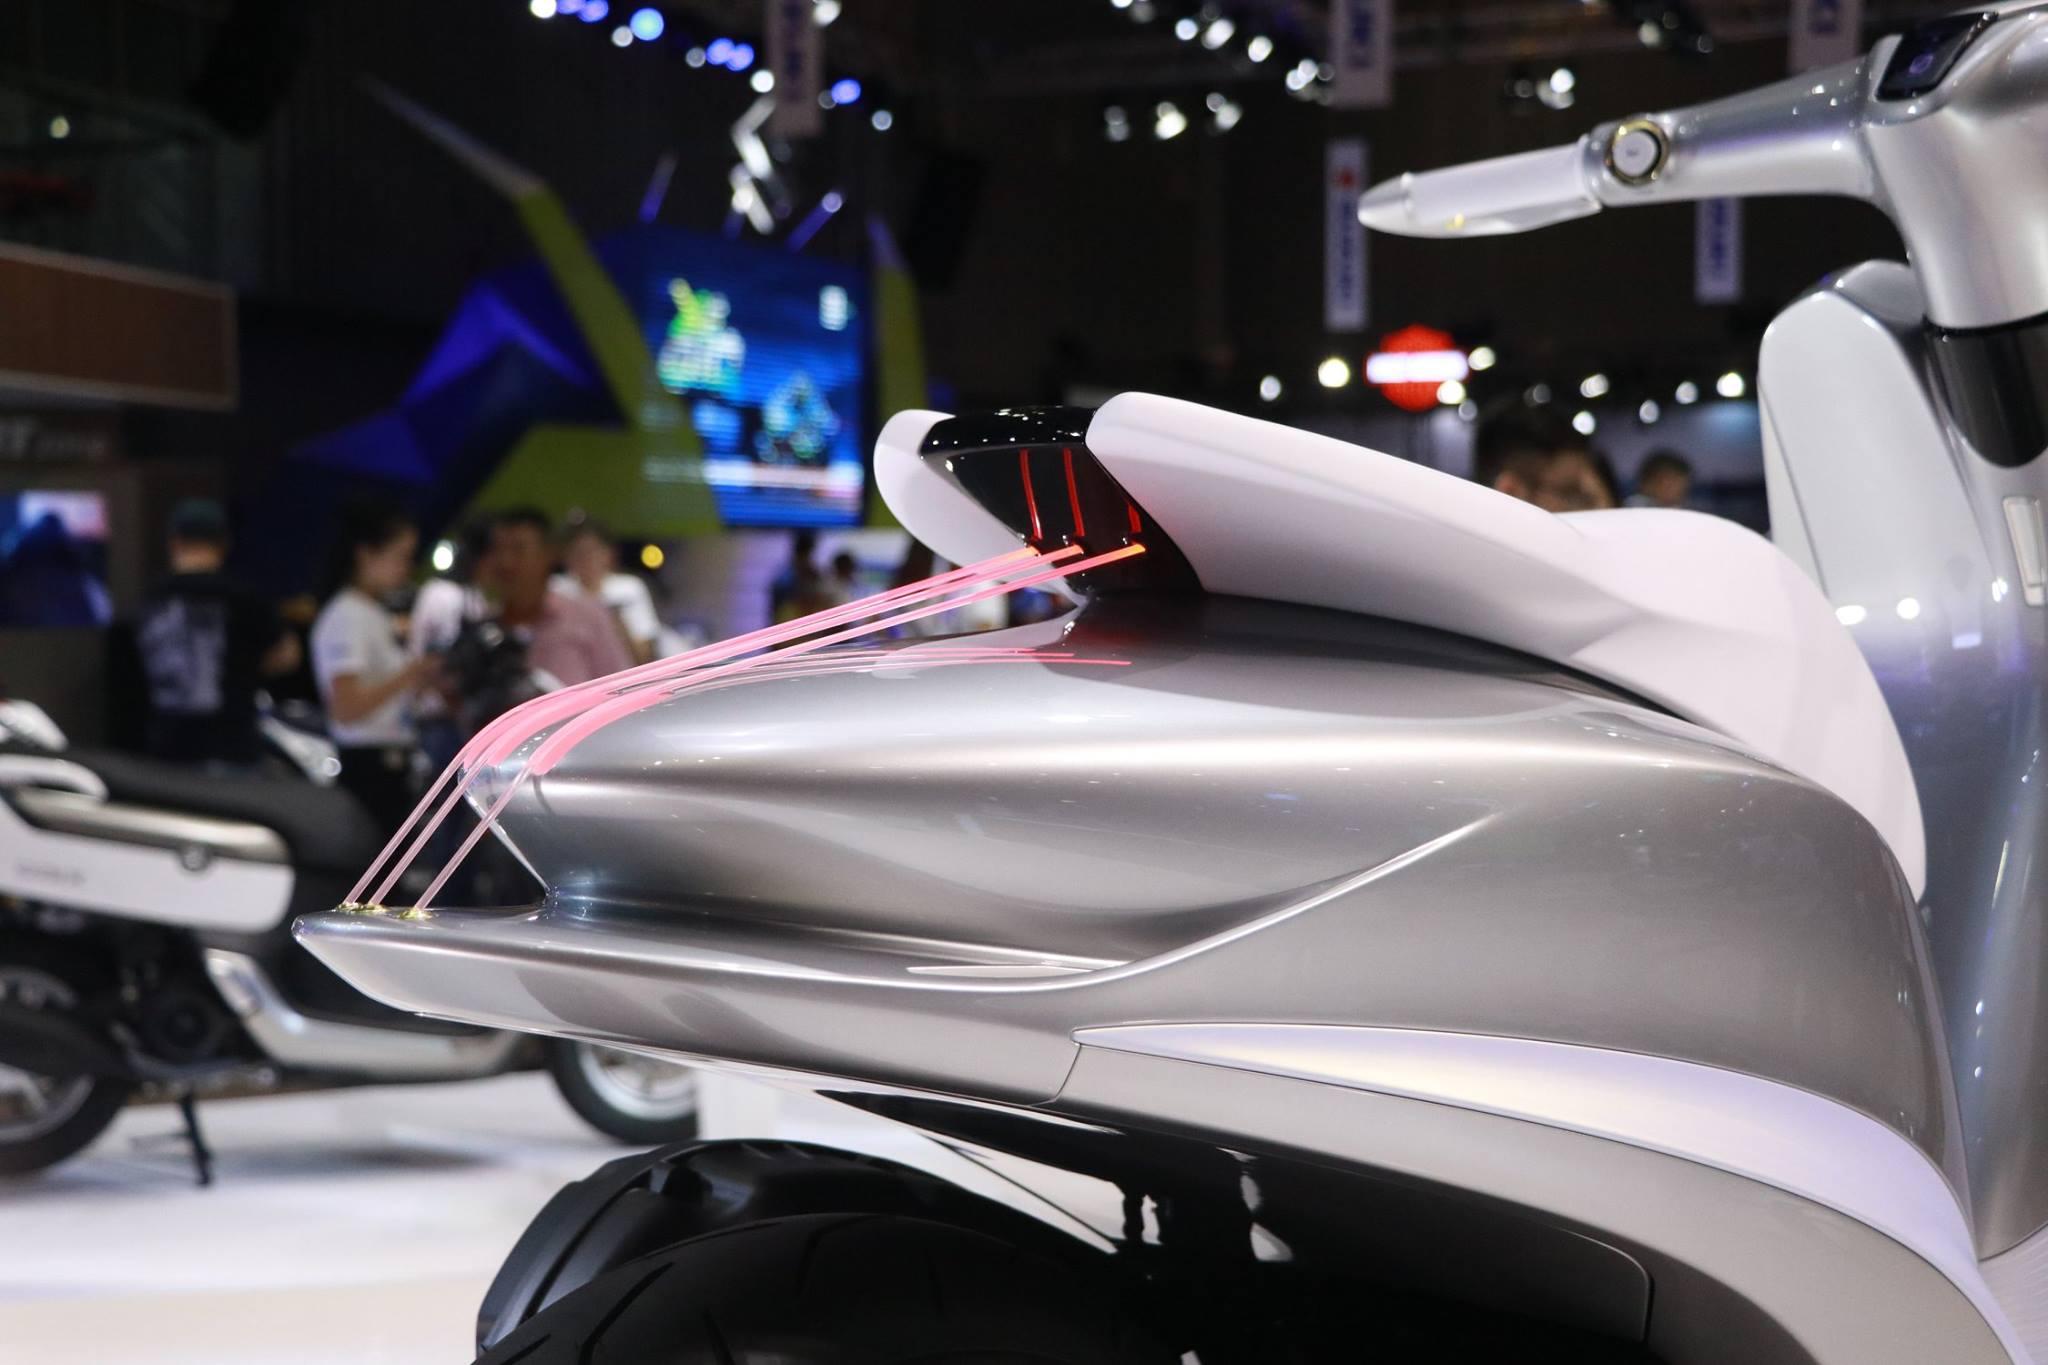 Yamaha Glorious at Vietnam Motorcycle Show taillamp